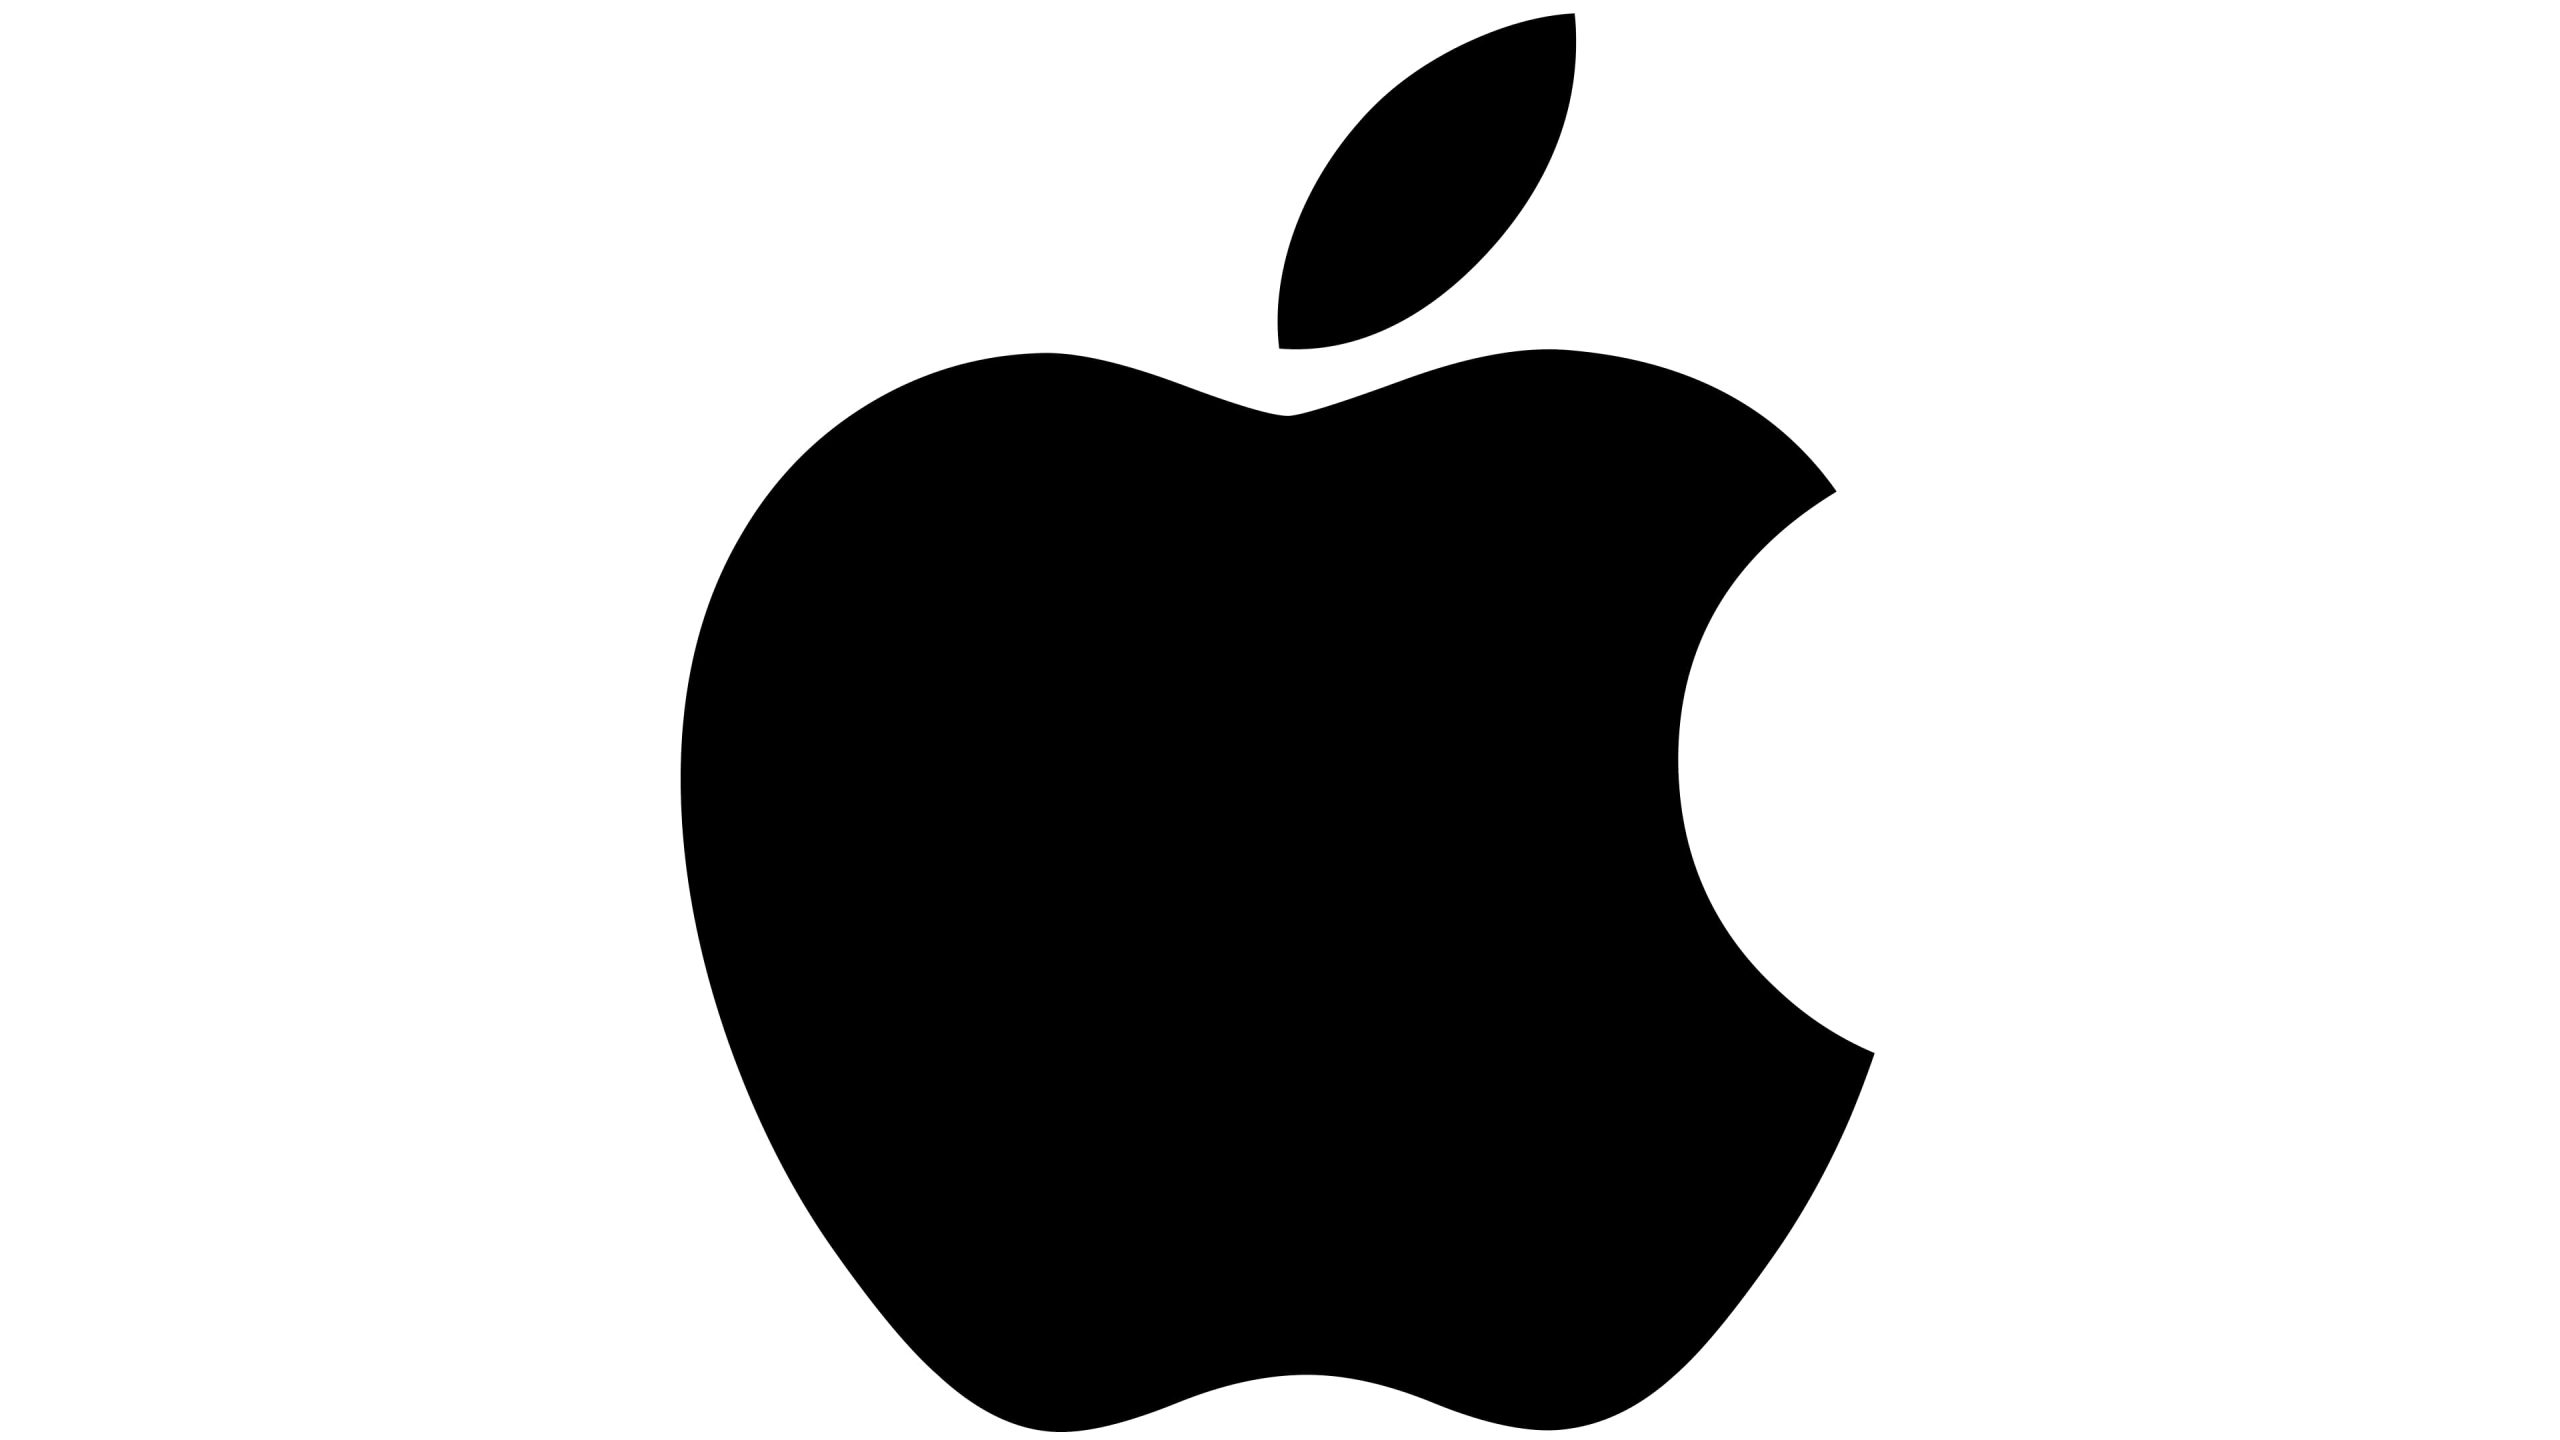 Apple rifiuta app che collezionano dati con SDK terzi